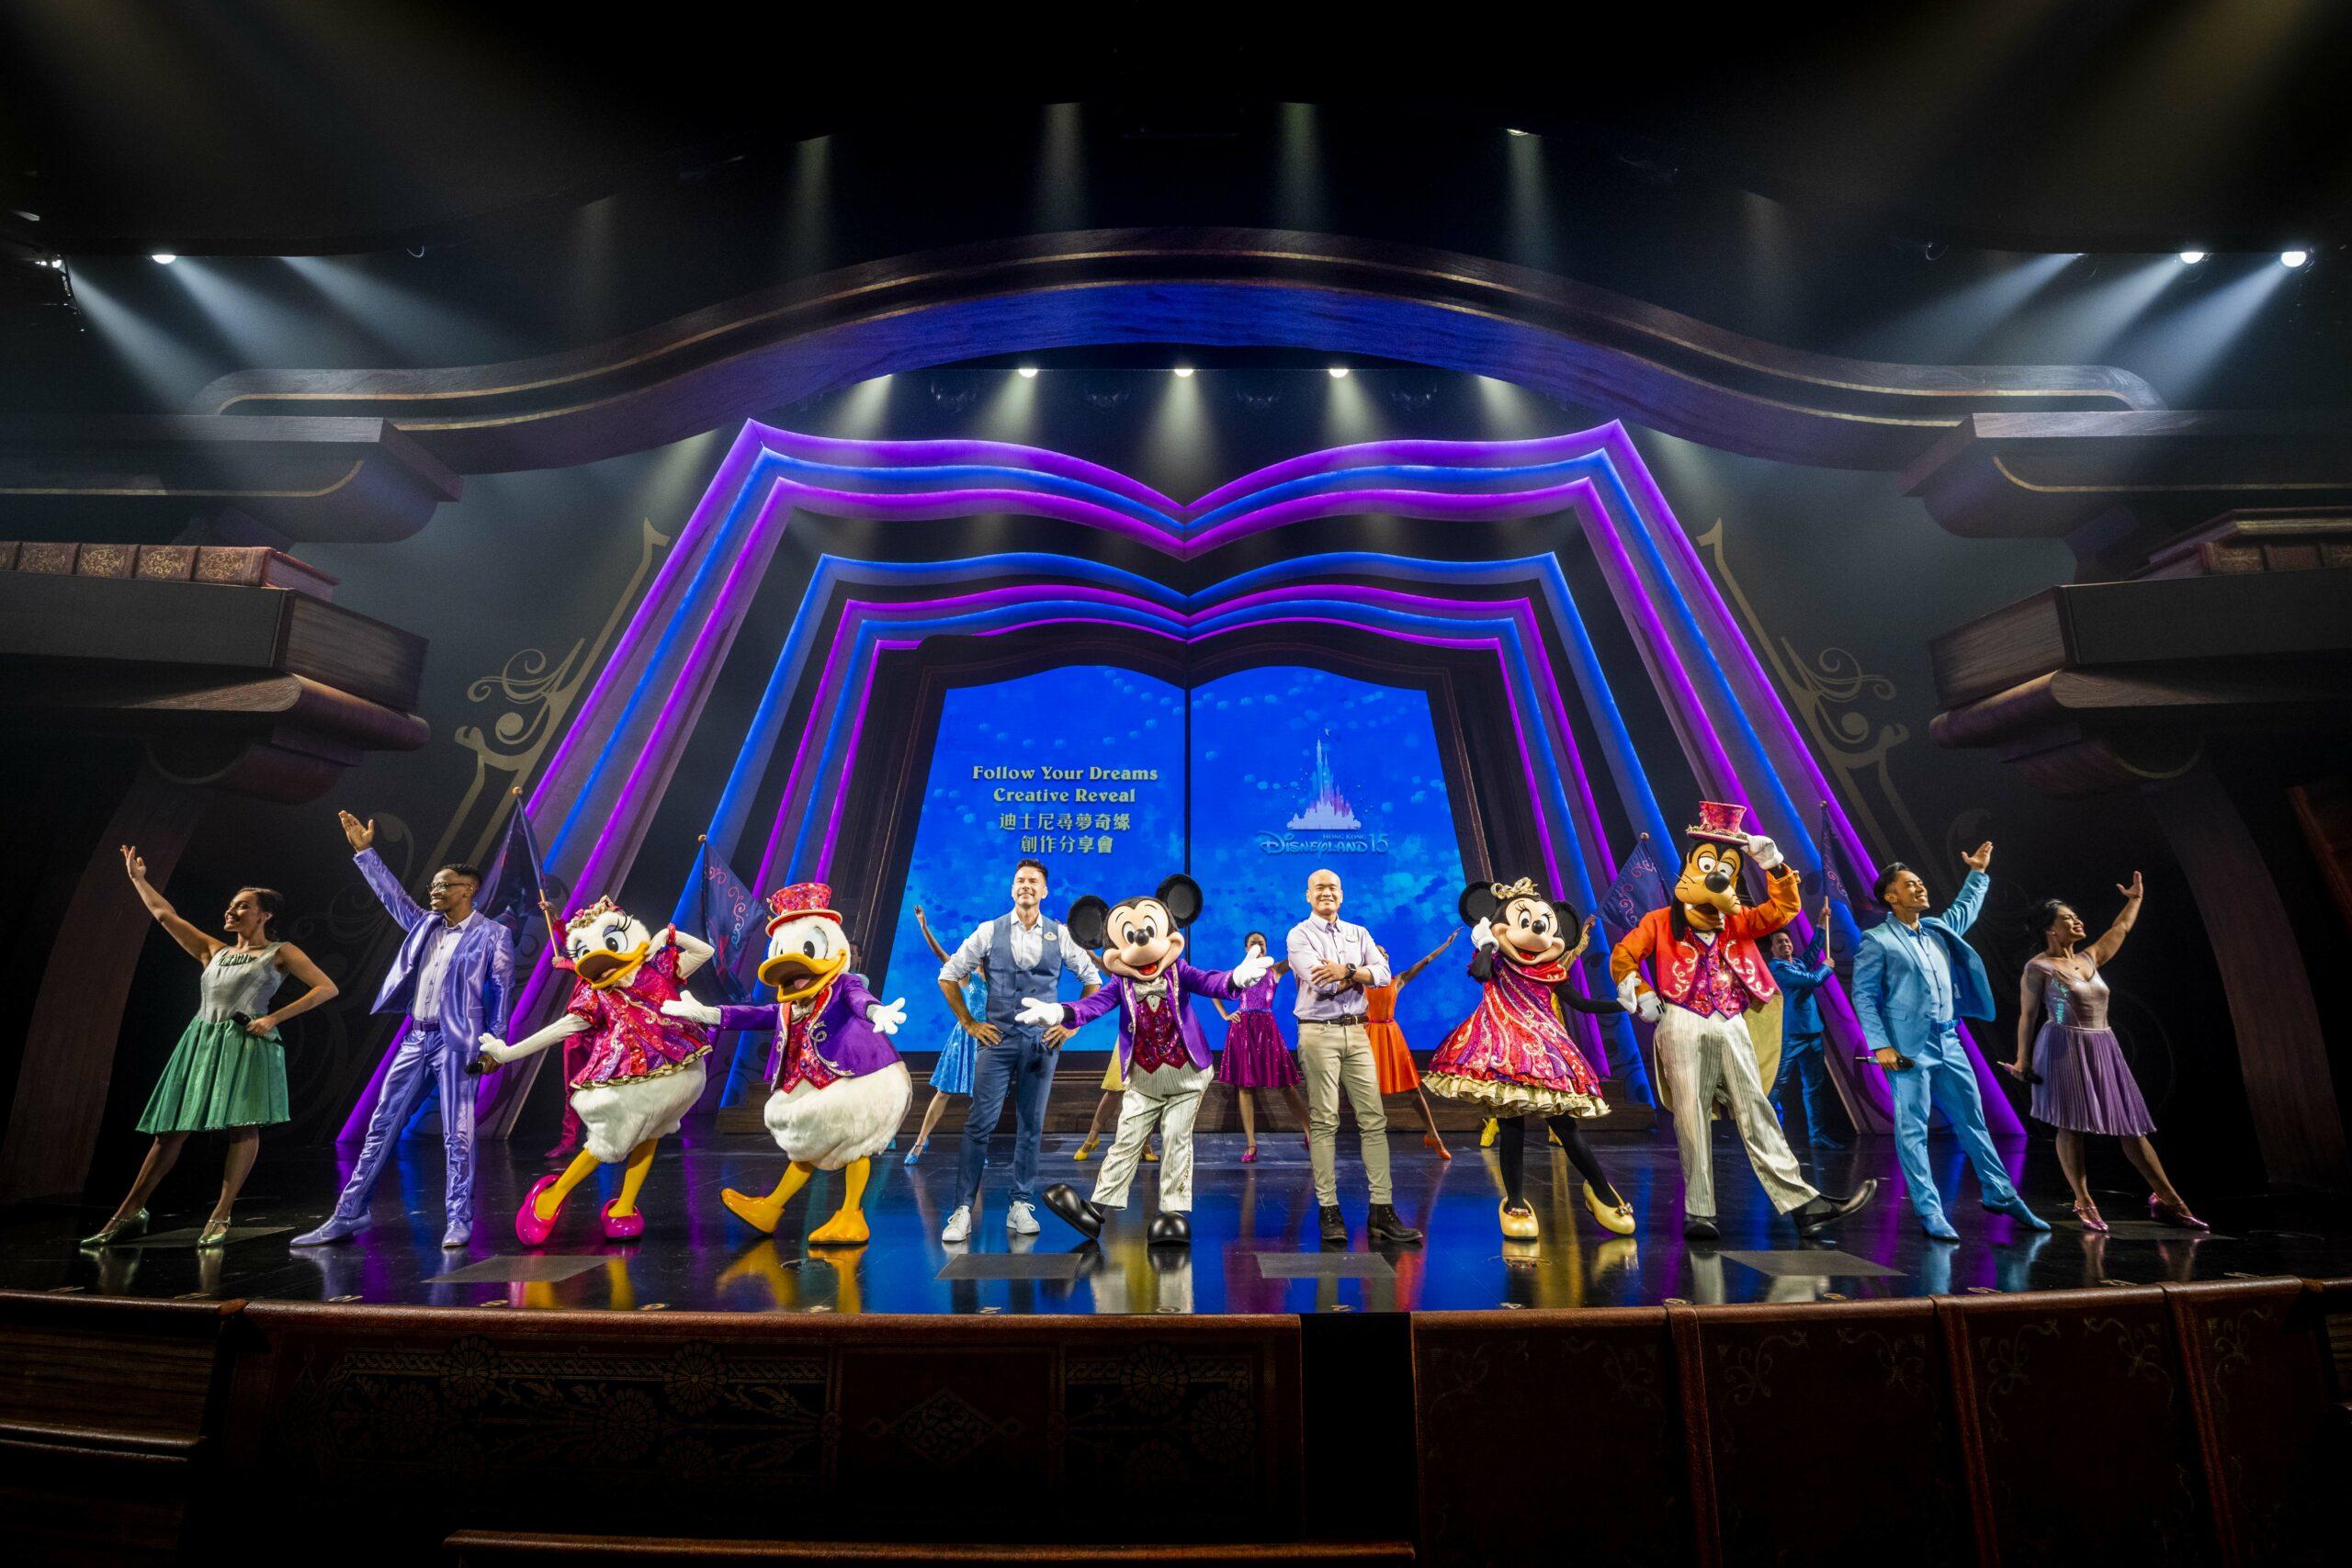 香港迪士尼推全新戶外音樂派對《迪士尼尋夢奇緣》 鼓勵追夢